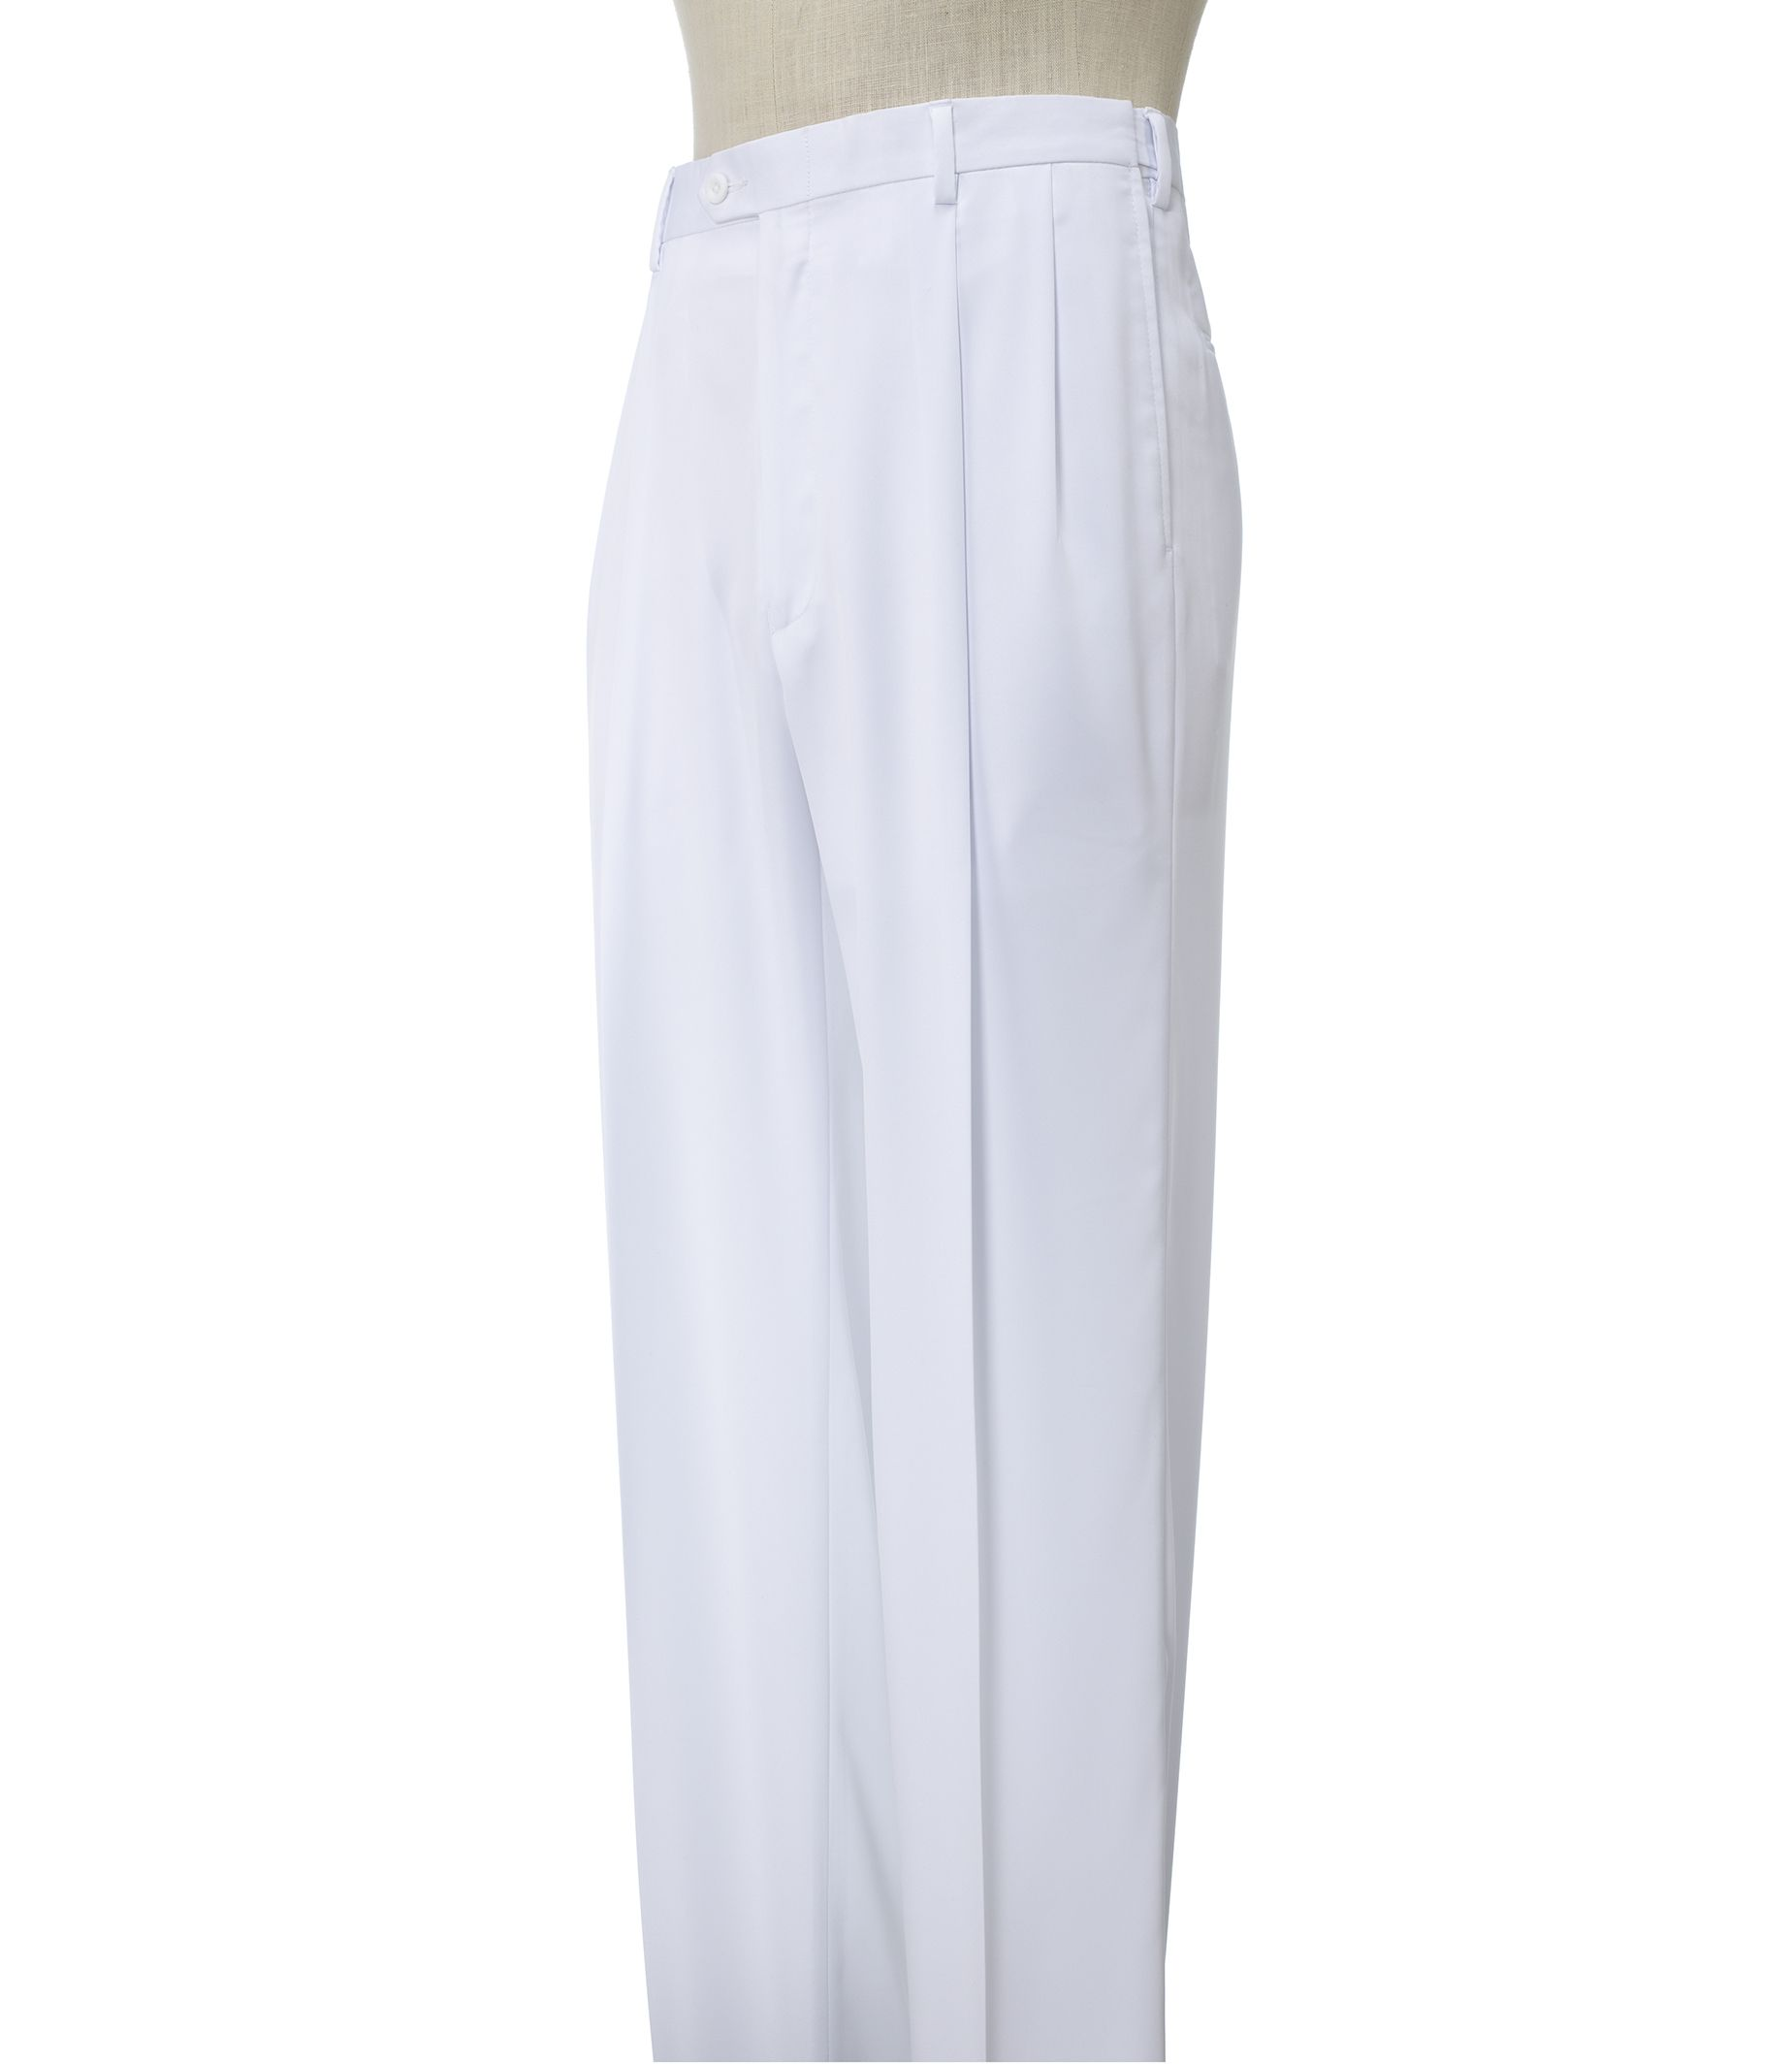 Size 1 long dress pants 52x29